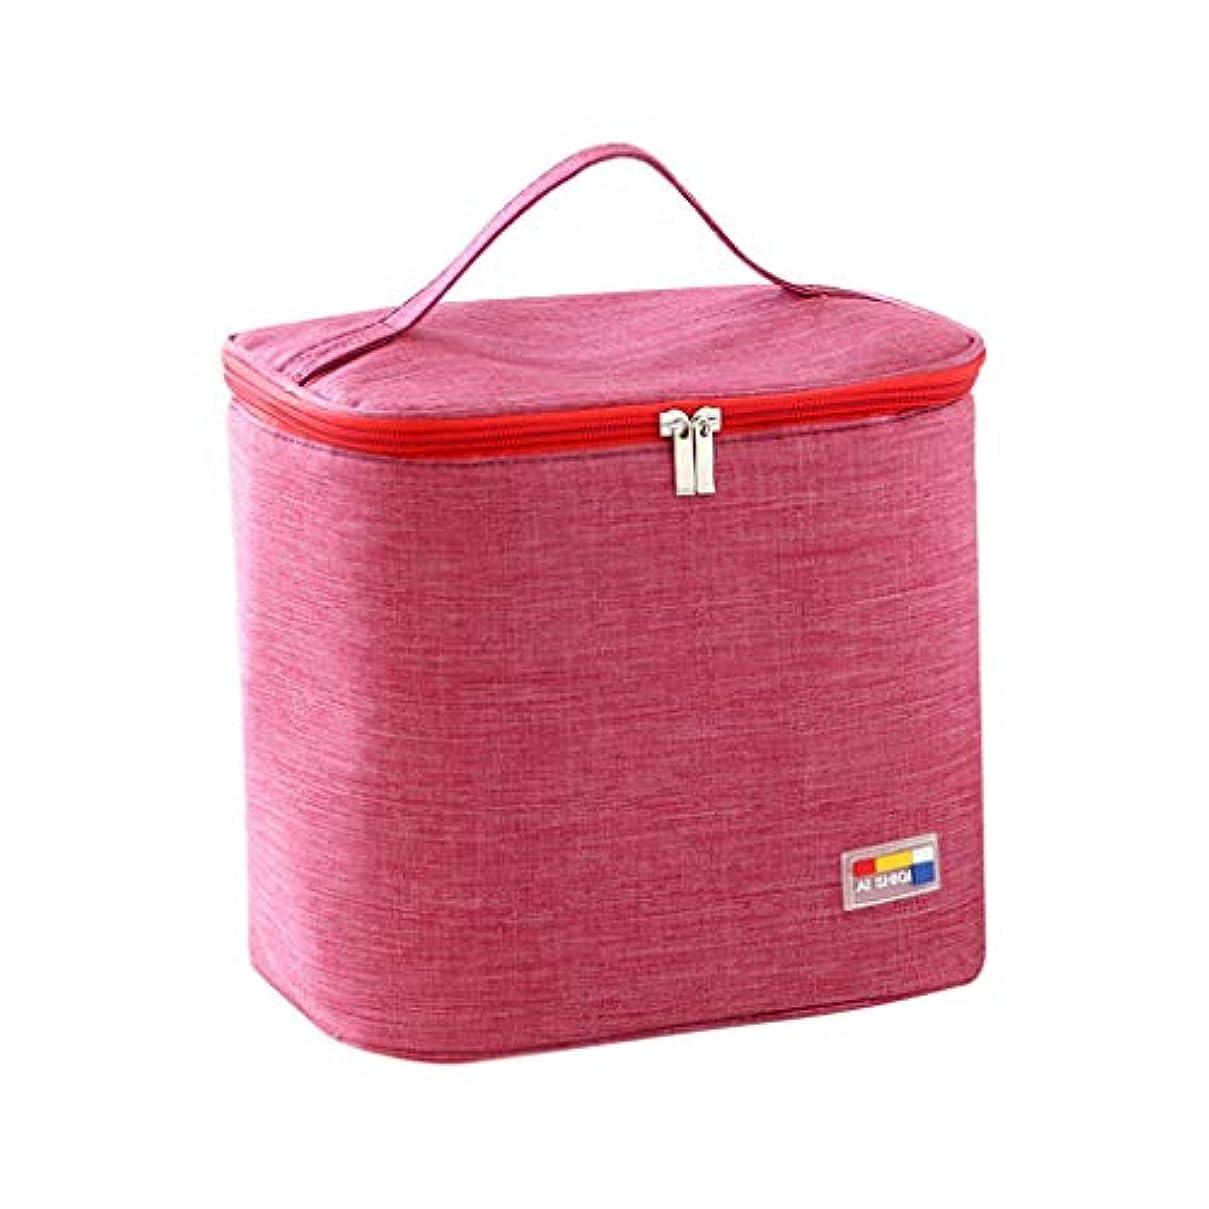 バイナリ直面する名義で専用ランチバッグトートバッグ断熱性を向上キャンプに適していますシンプルなバッグイージーファッション絶縁バッグ冷蔵バッグポケットを描く冷却ハンドバッグ防水ハンドバッグ (A)